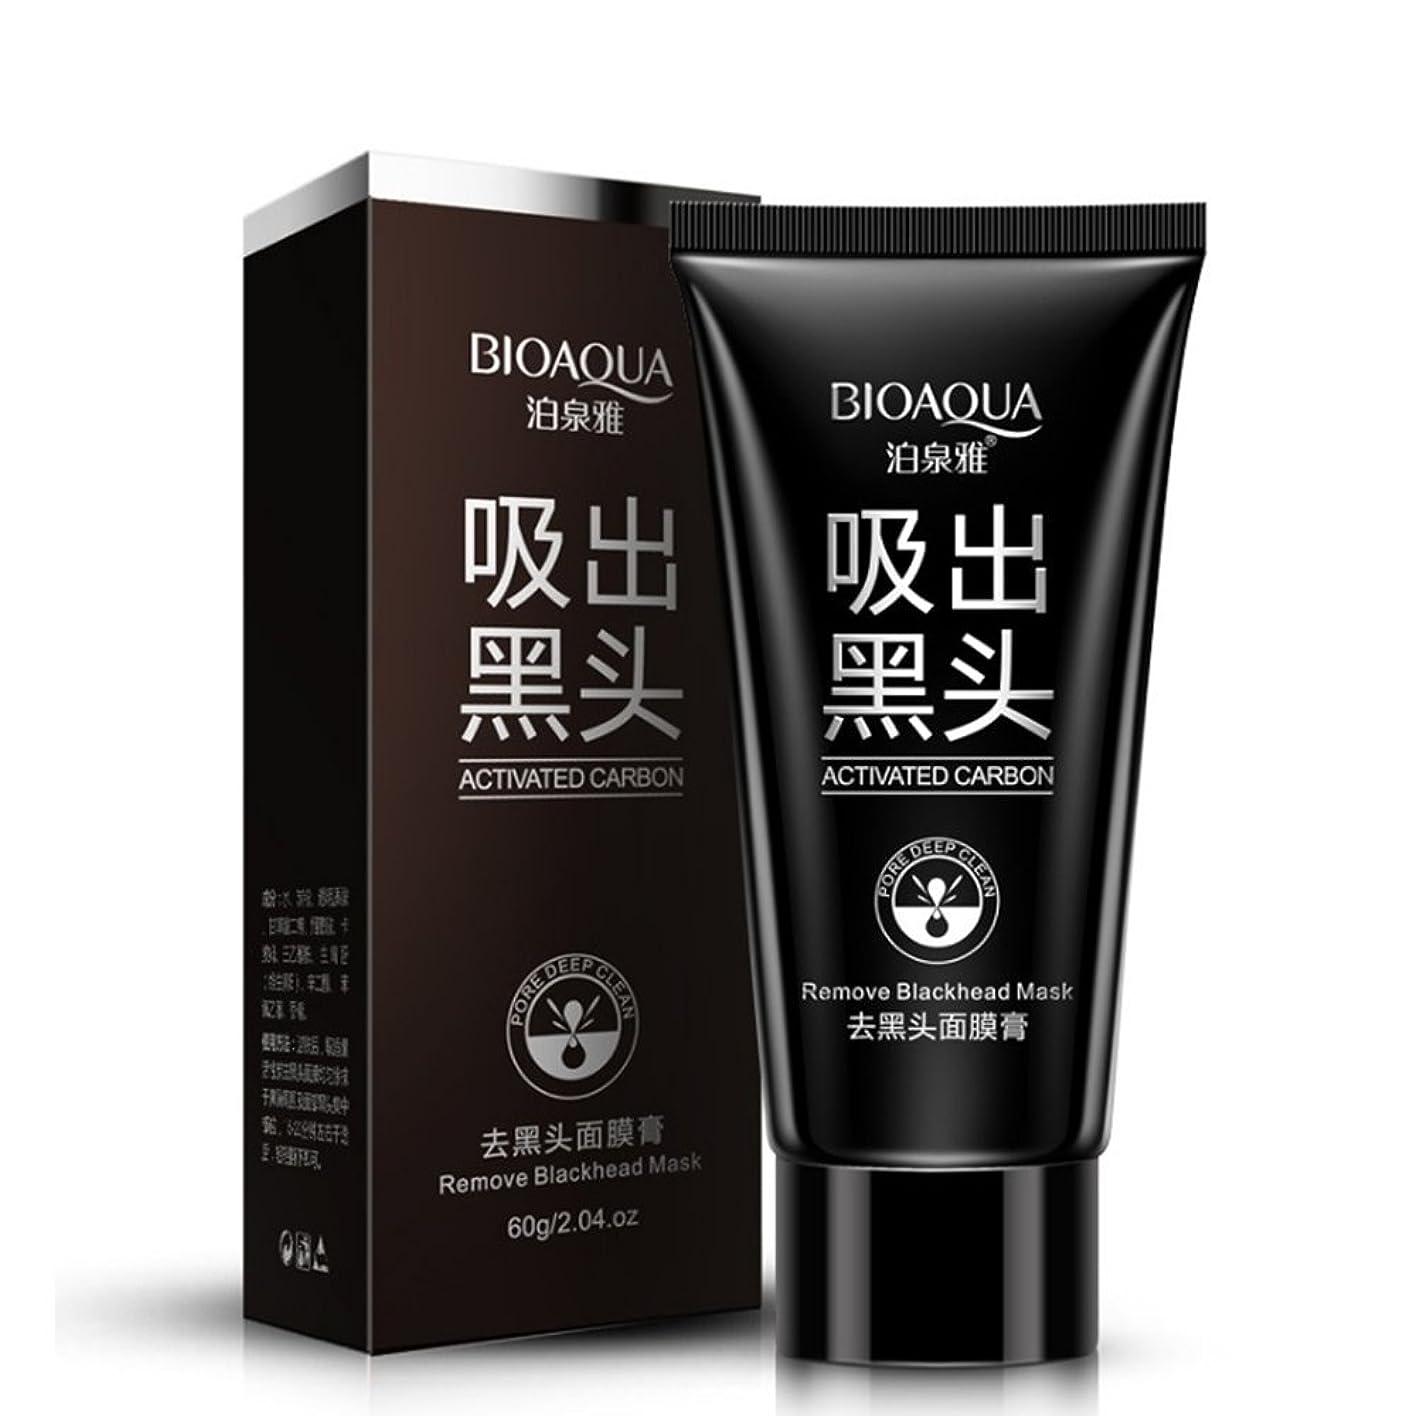 国勢調査本能ジャズSuction Black Mask Shrink Black Head Spots Pores,Face Mask Blackhead Removal Blackheads Cosmetics Facials Moisturizing Skin Care.